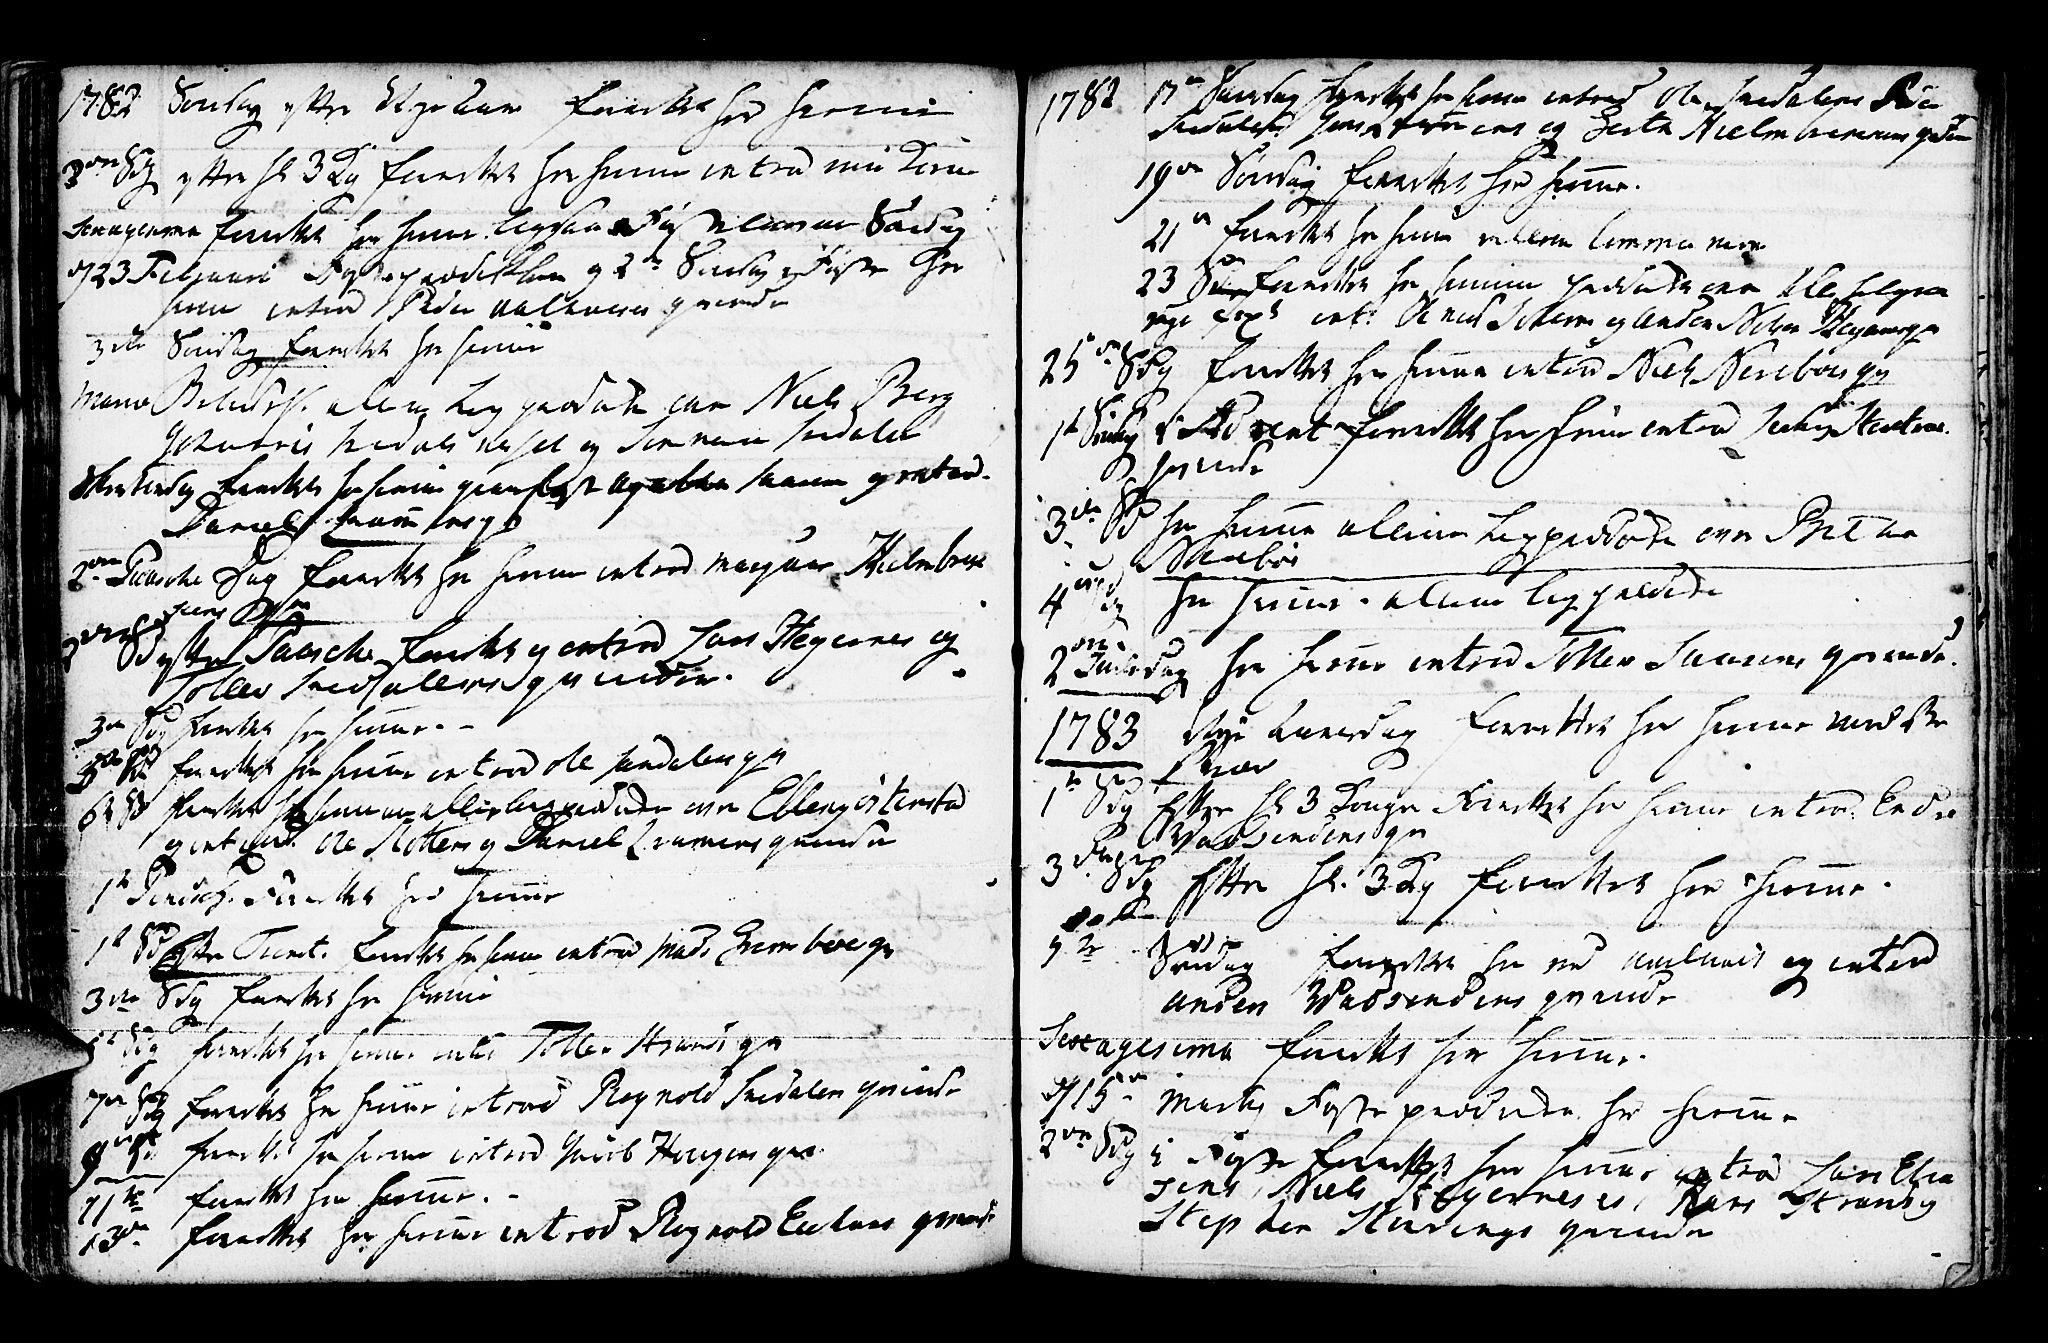 SAB, Jølster Sokneprestembete, H/Haa/Haaa/L0003: Ministerialbok nr. A 3, 1748-1789, s. 175